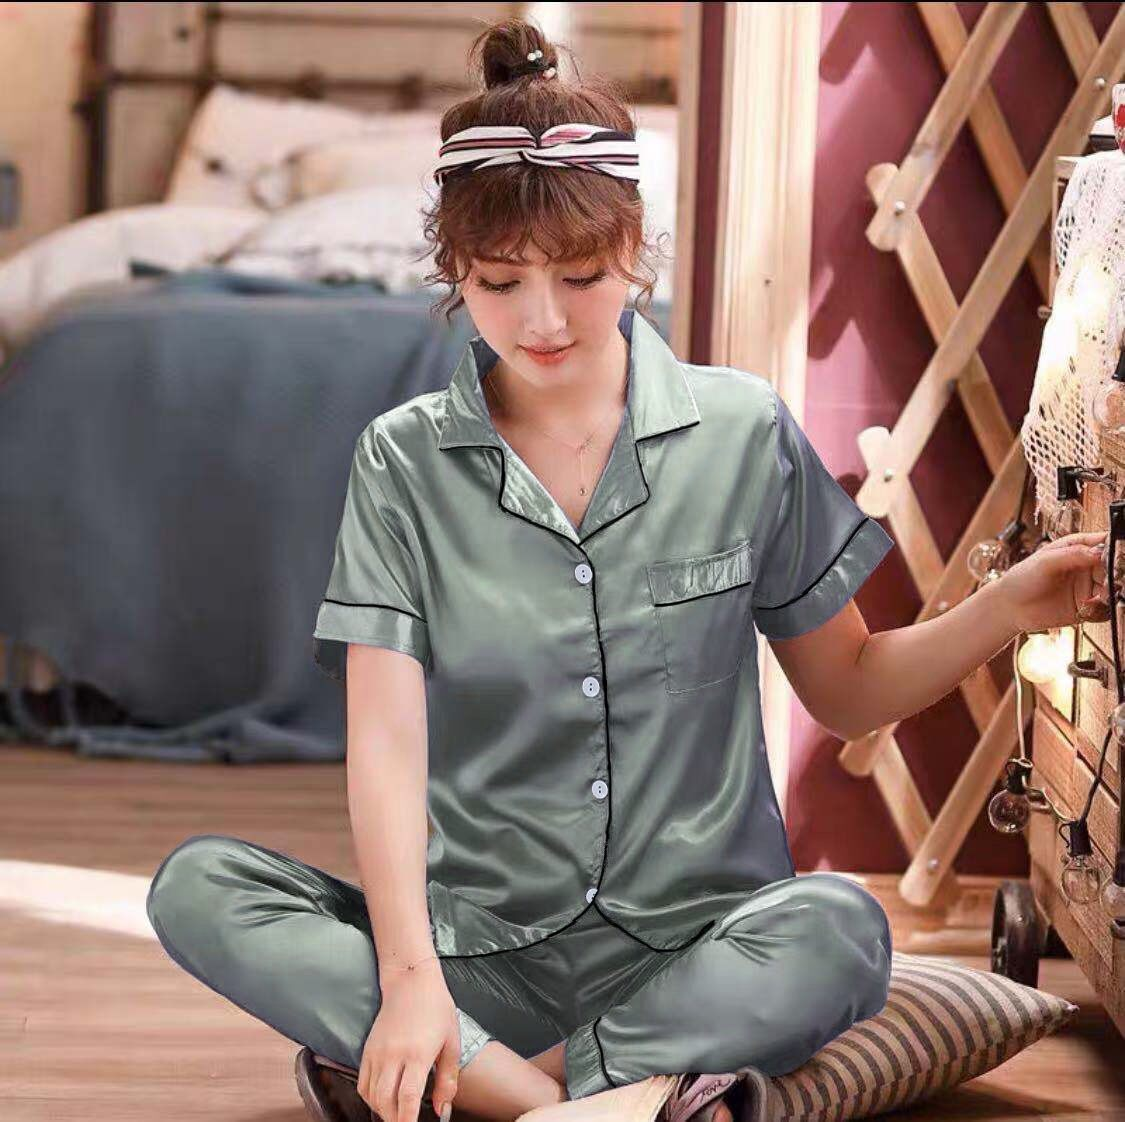 3333 เสื้อชุดนอนน่ารักๆ ผ้าซาตินใส่สบายผ้านิ่มไม่เครืองผิด สไตล์เกาหลี (สินค้าพร้อมส่ง)